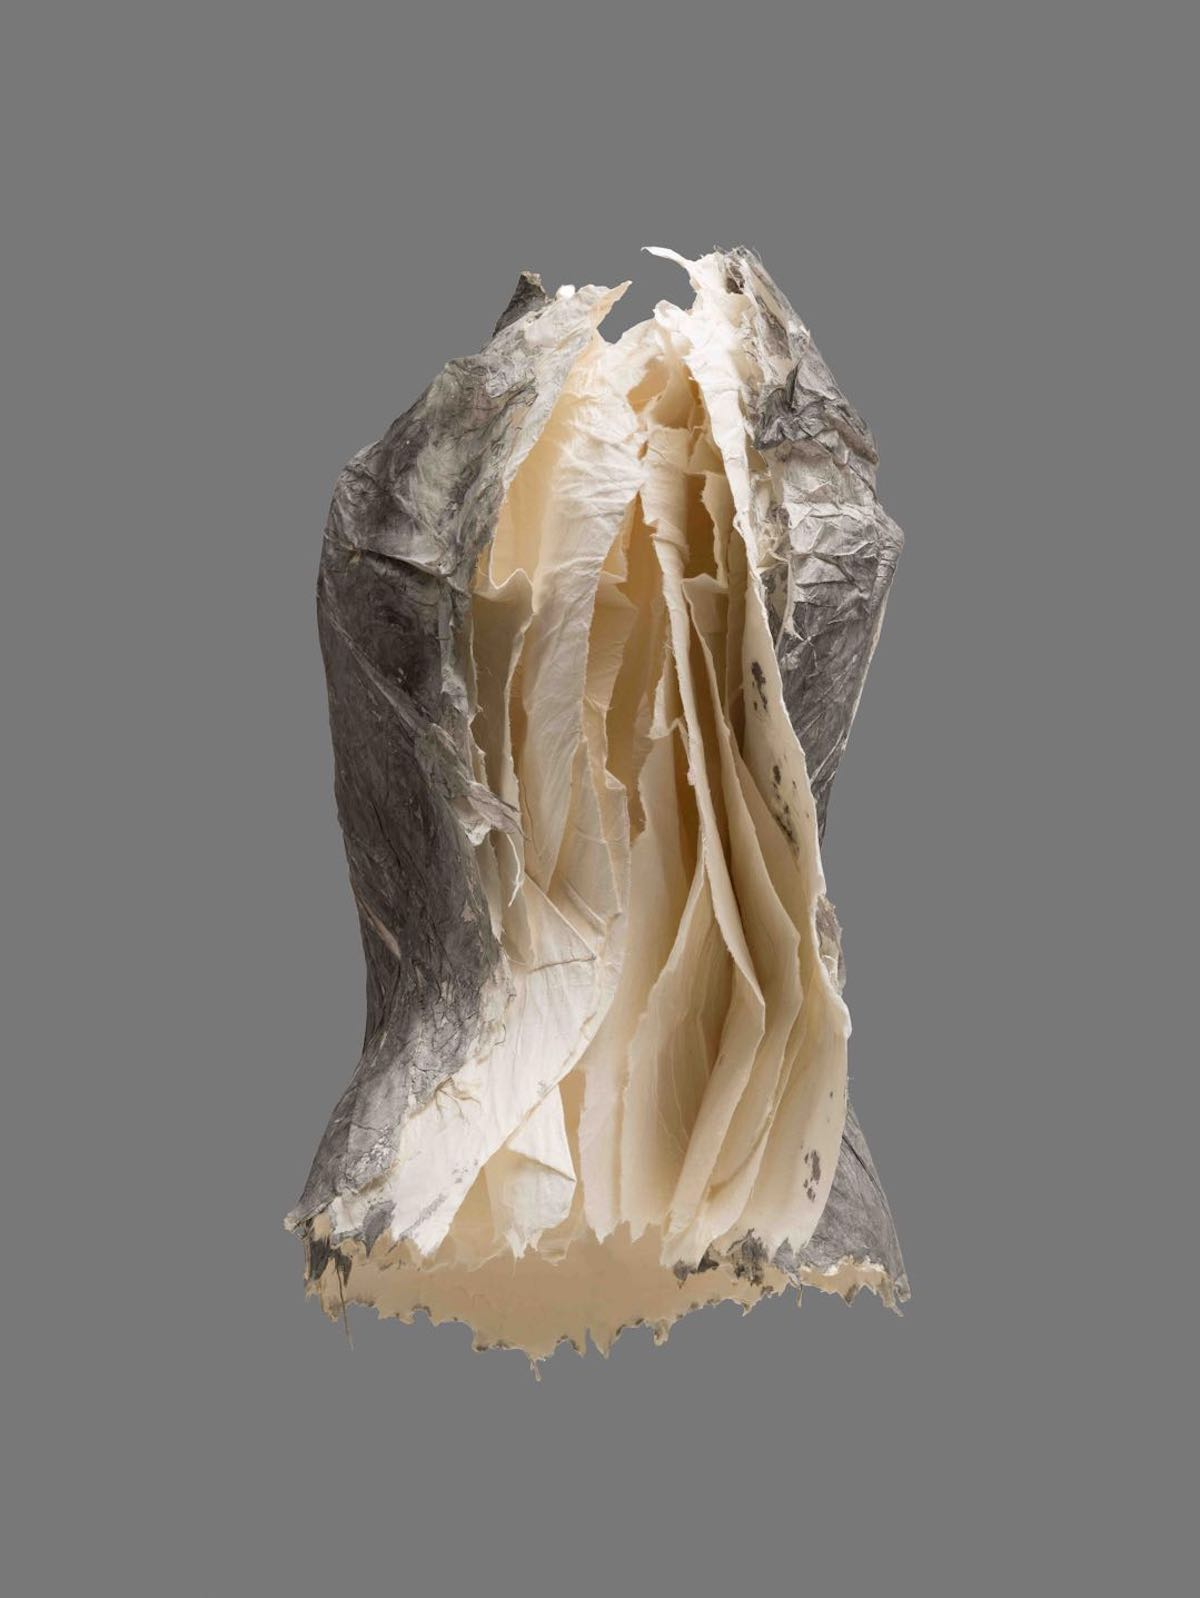 Paper Sculptures of Female Torsos